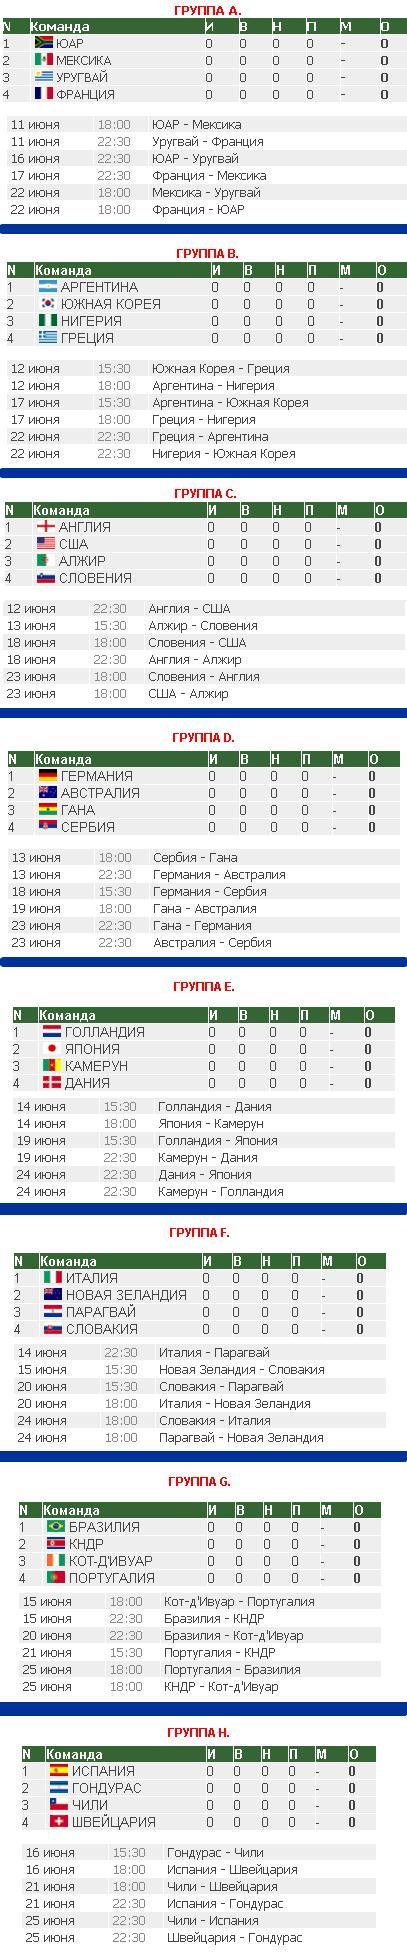 FIFA -2010